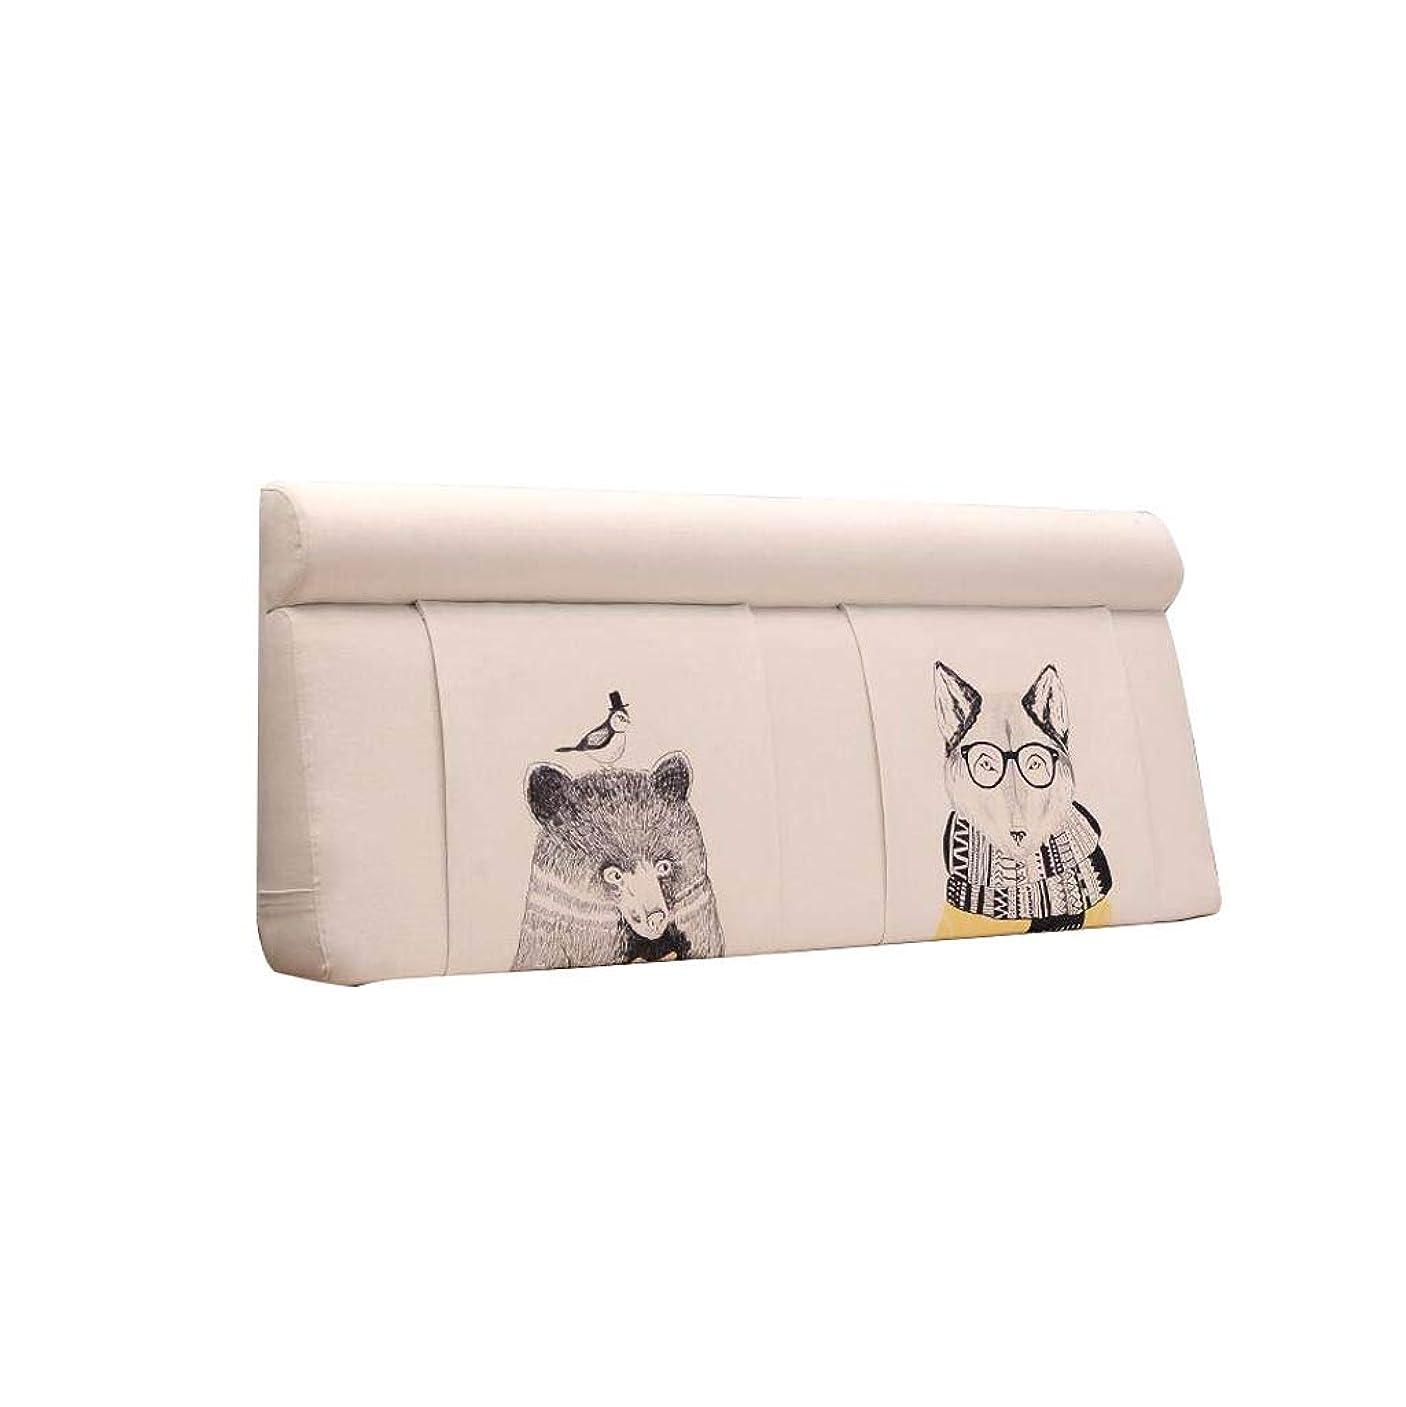 ダニ湿ったメッセンジャーJAZC ヘッドボード クッショ ベッドサイドソフトケースダブルクロスウォッシュ&ウォッシュピローベッドラージクッションバックレスト畳ベッドカバー (Color : 7, Size : 180X60cm)